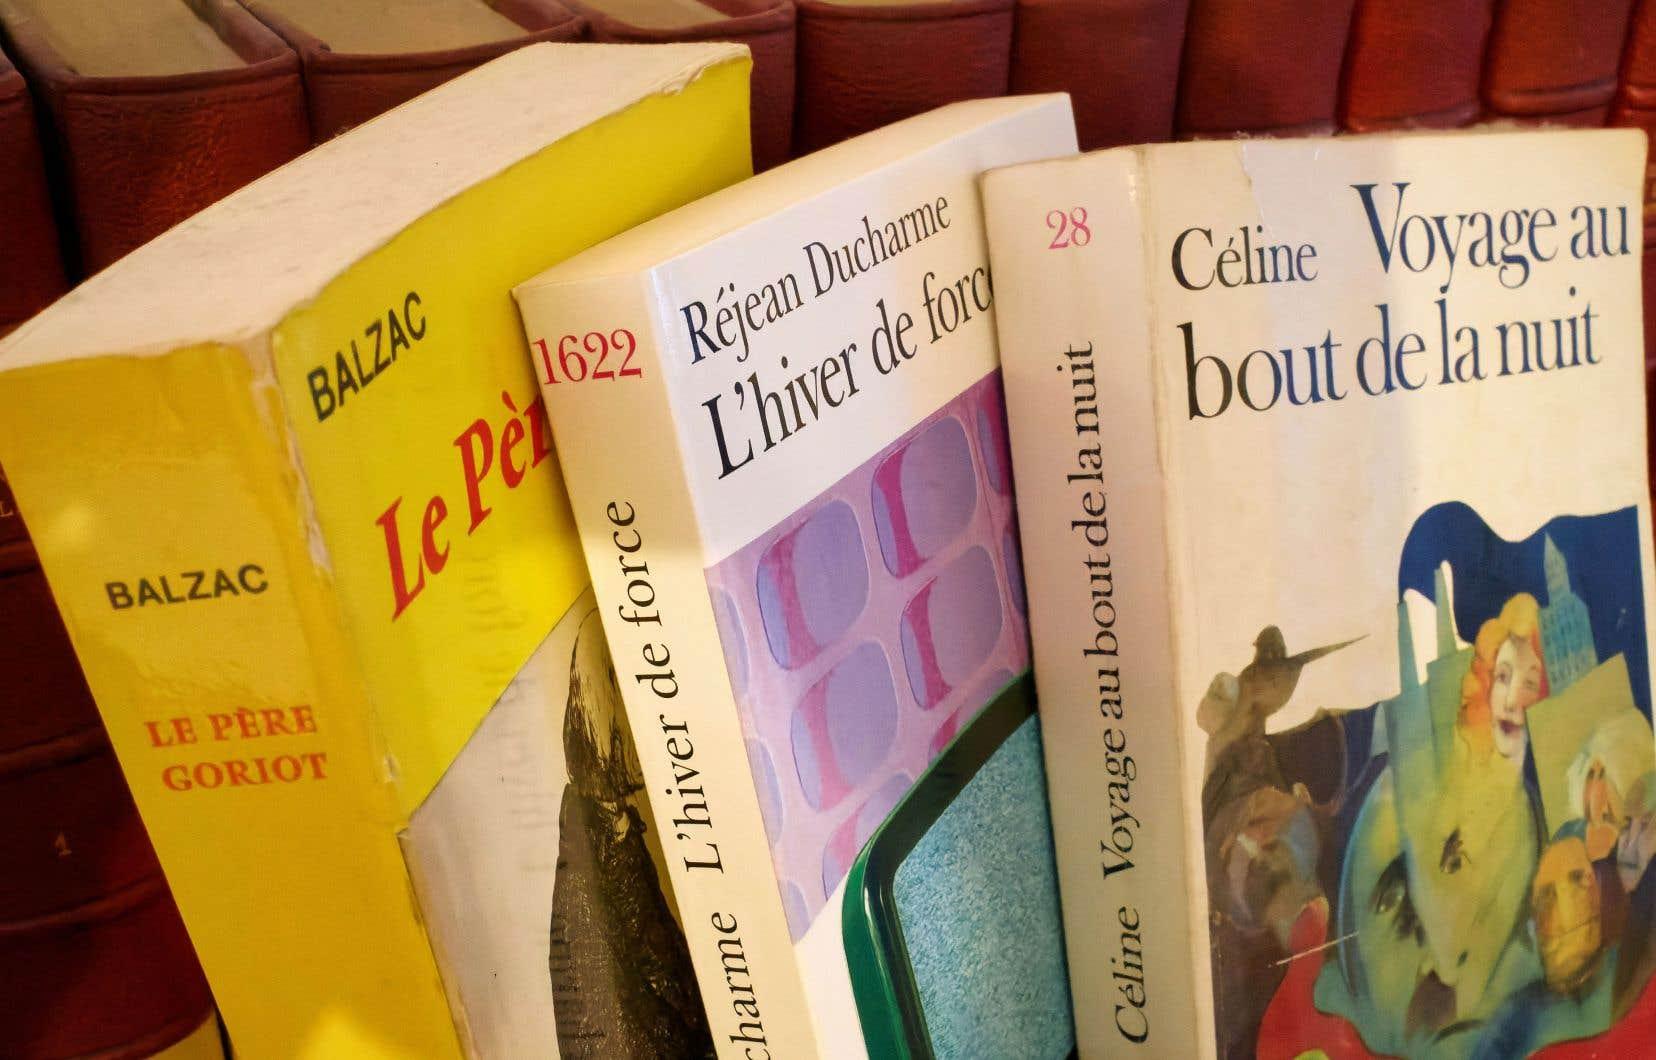 Qu'est-ce que tous ces livres ont en commun? Ils contiennent au moins une occurrence de ce mot «commençant par n», que l'on n'a, paraît-il, plus le droit de prononcer «en entier», note l'auteur.